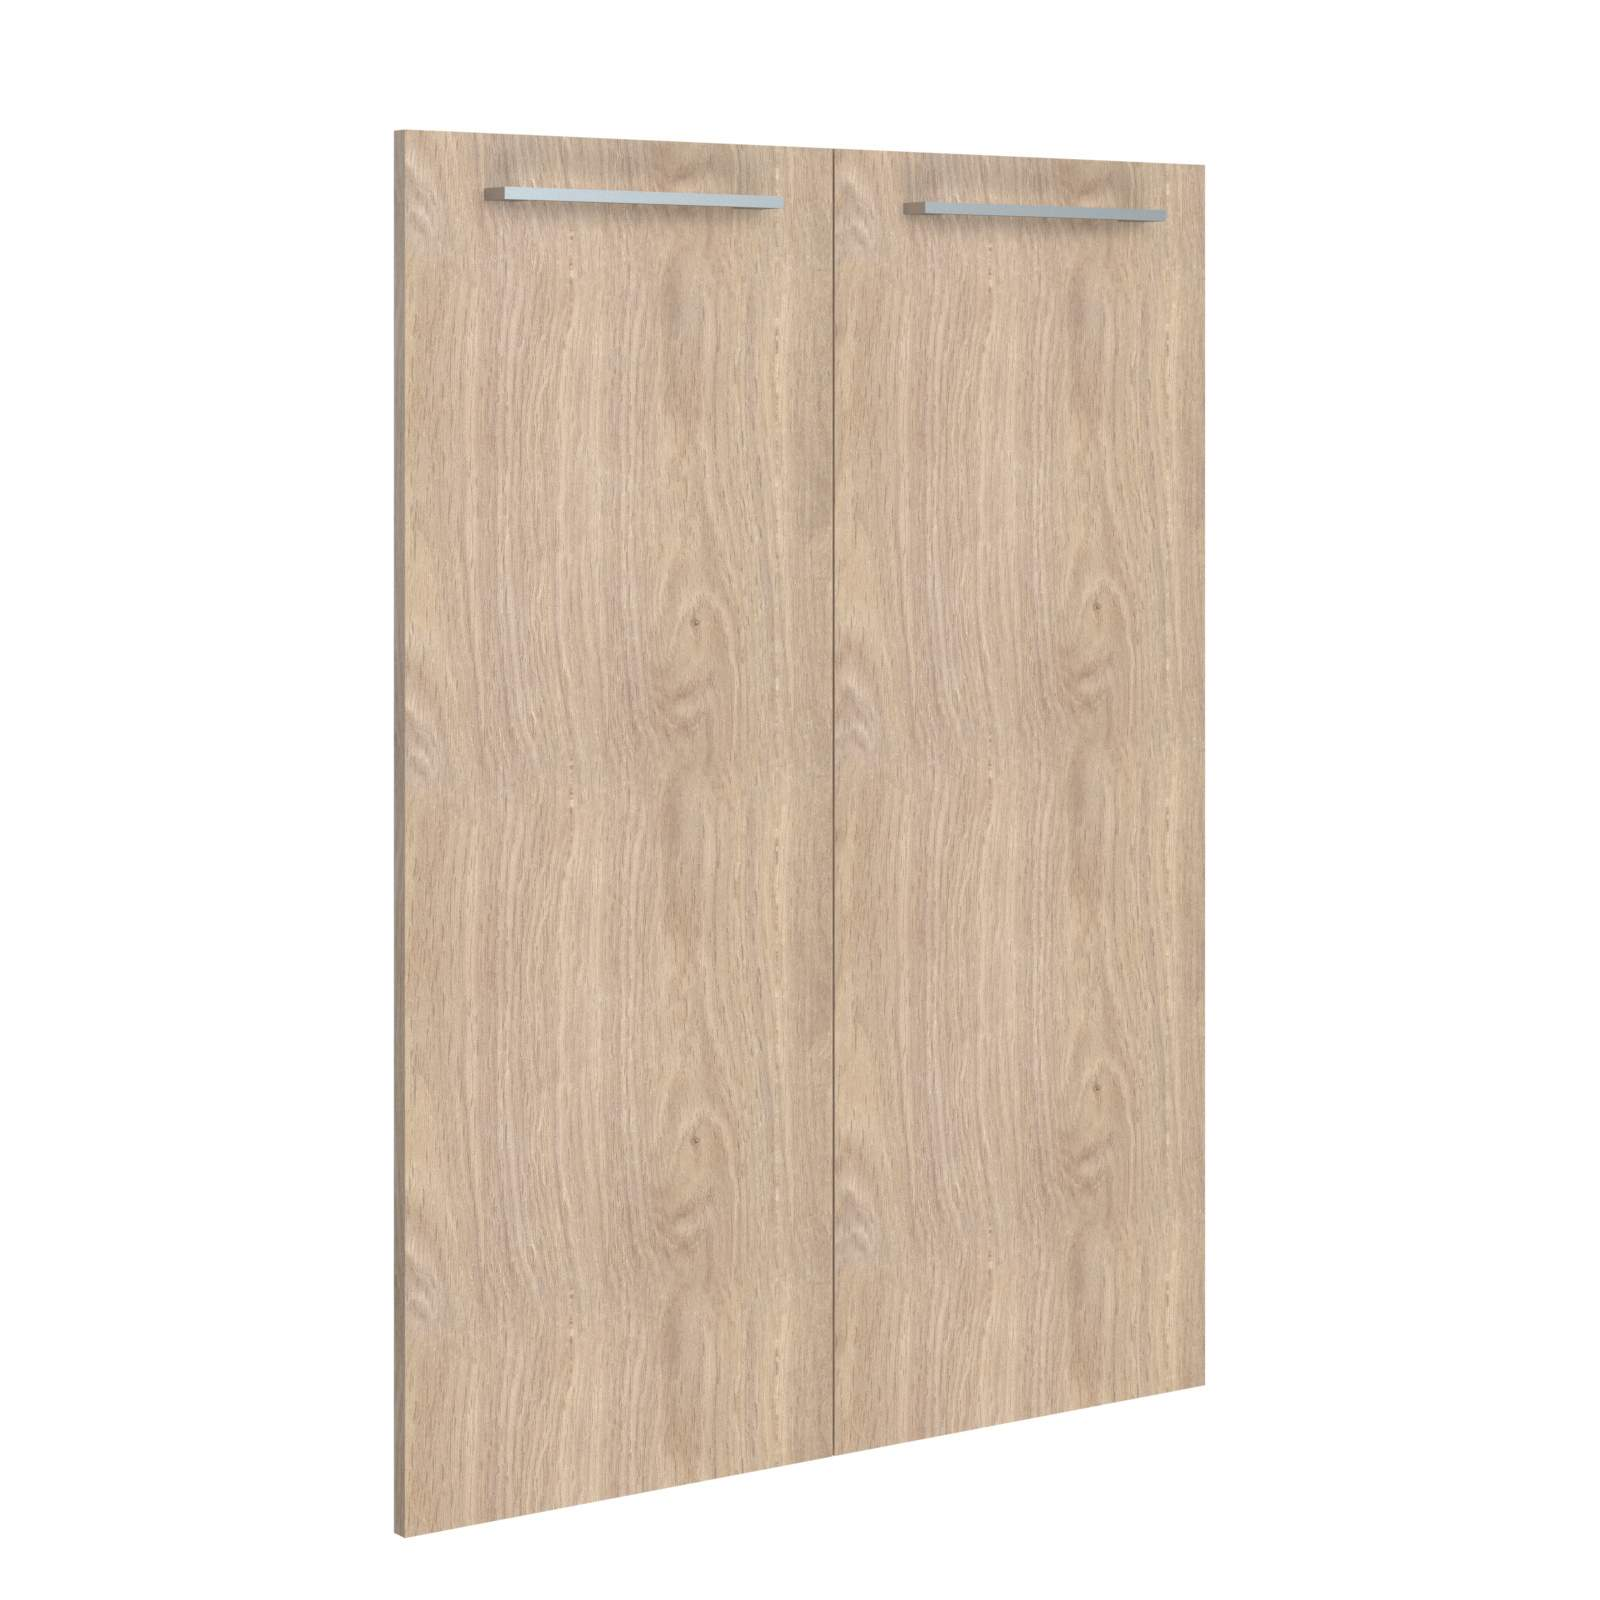 Двери ЛДСП средние 846x18x1132